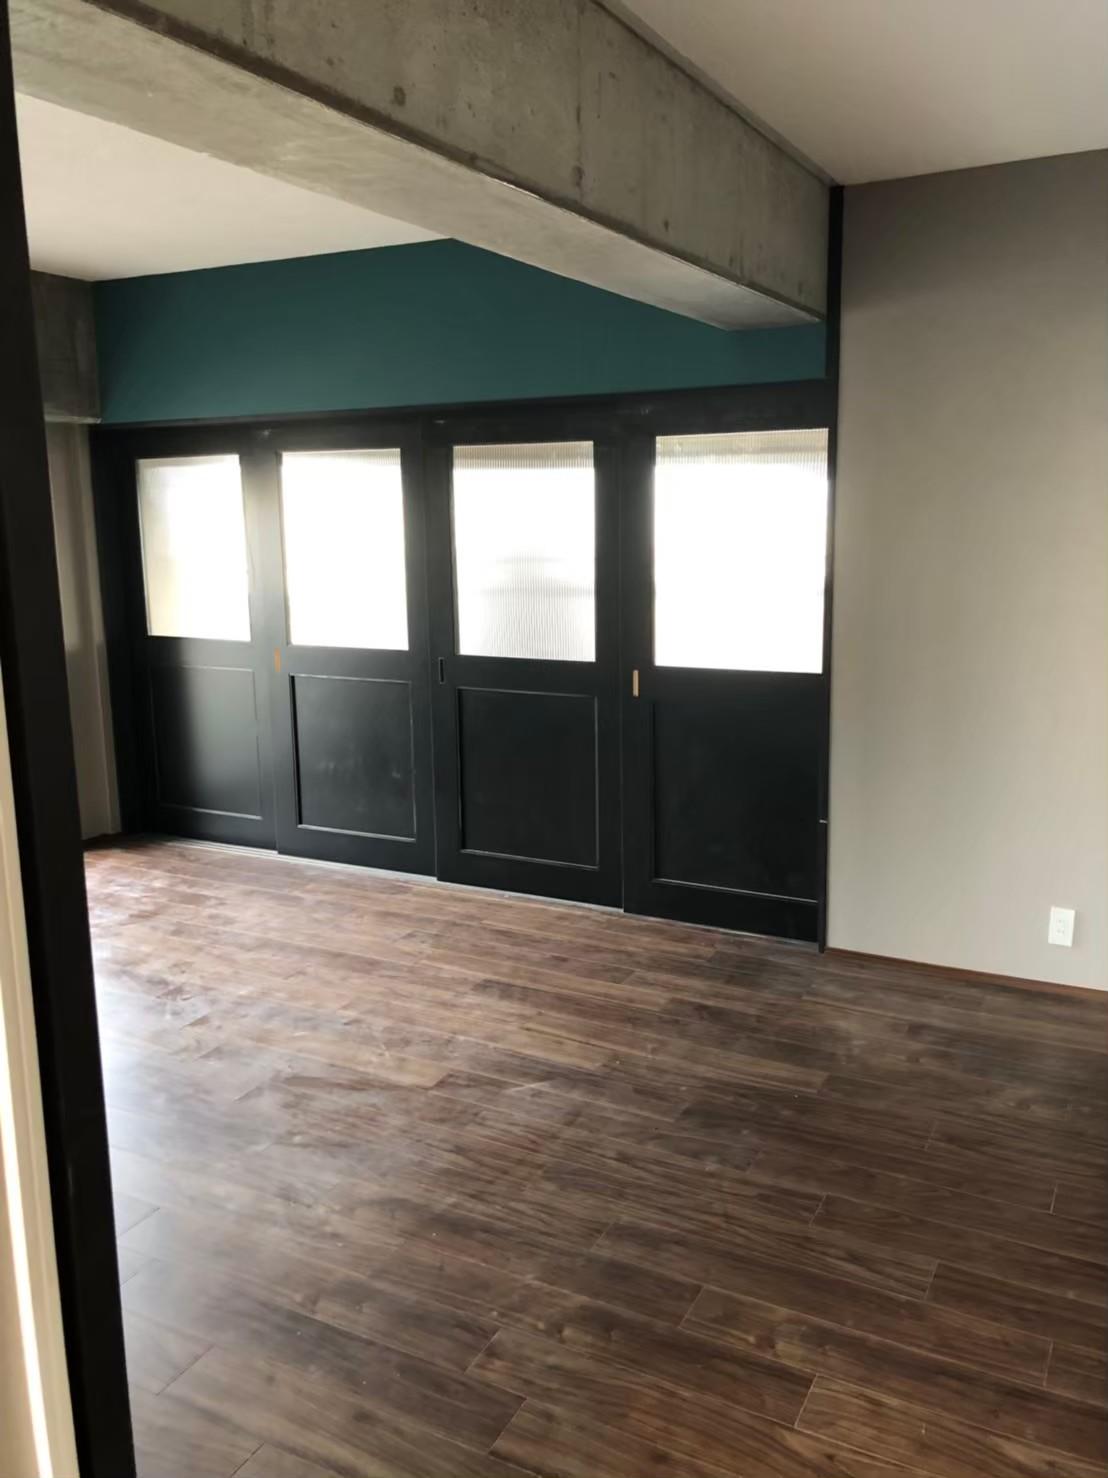 リビング建具…4枚引き込み扉。室内の建具に合わせたデザインと色にてオーダー製作